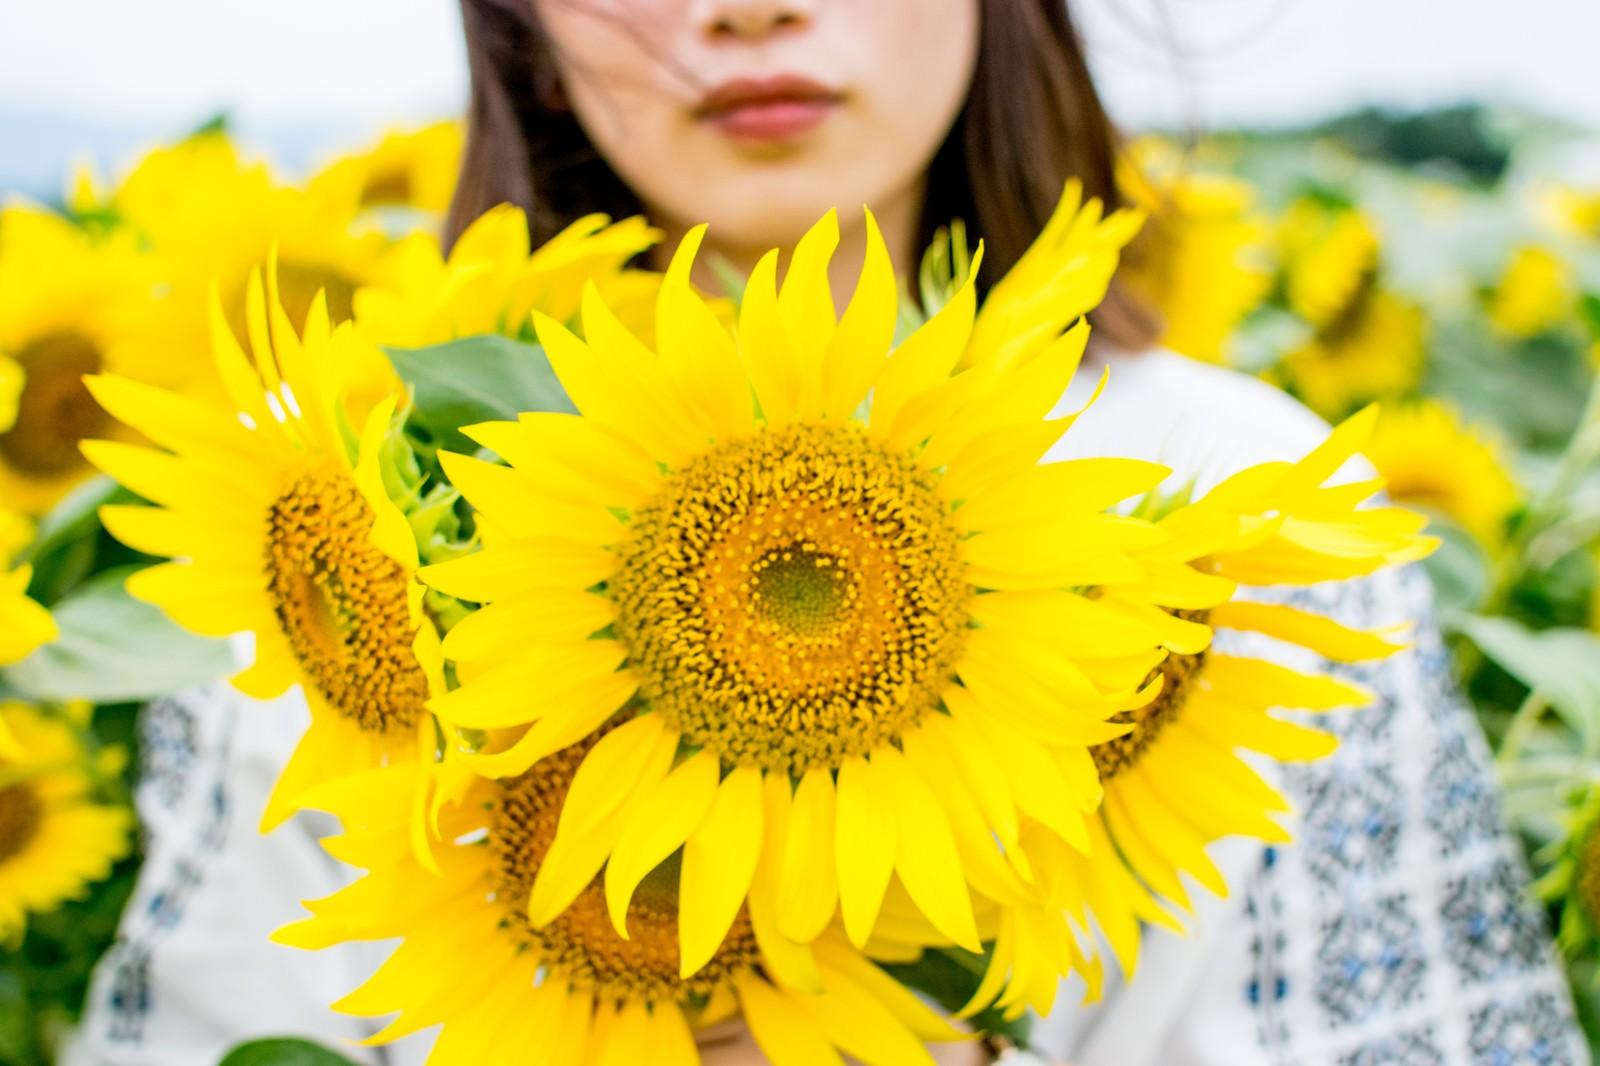 「向日葵畑の中で花を持った女性」の写真